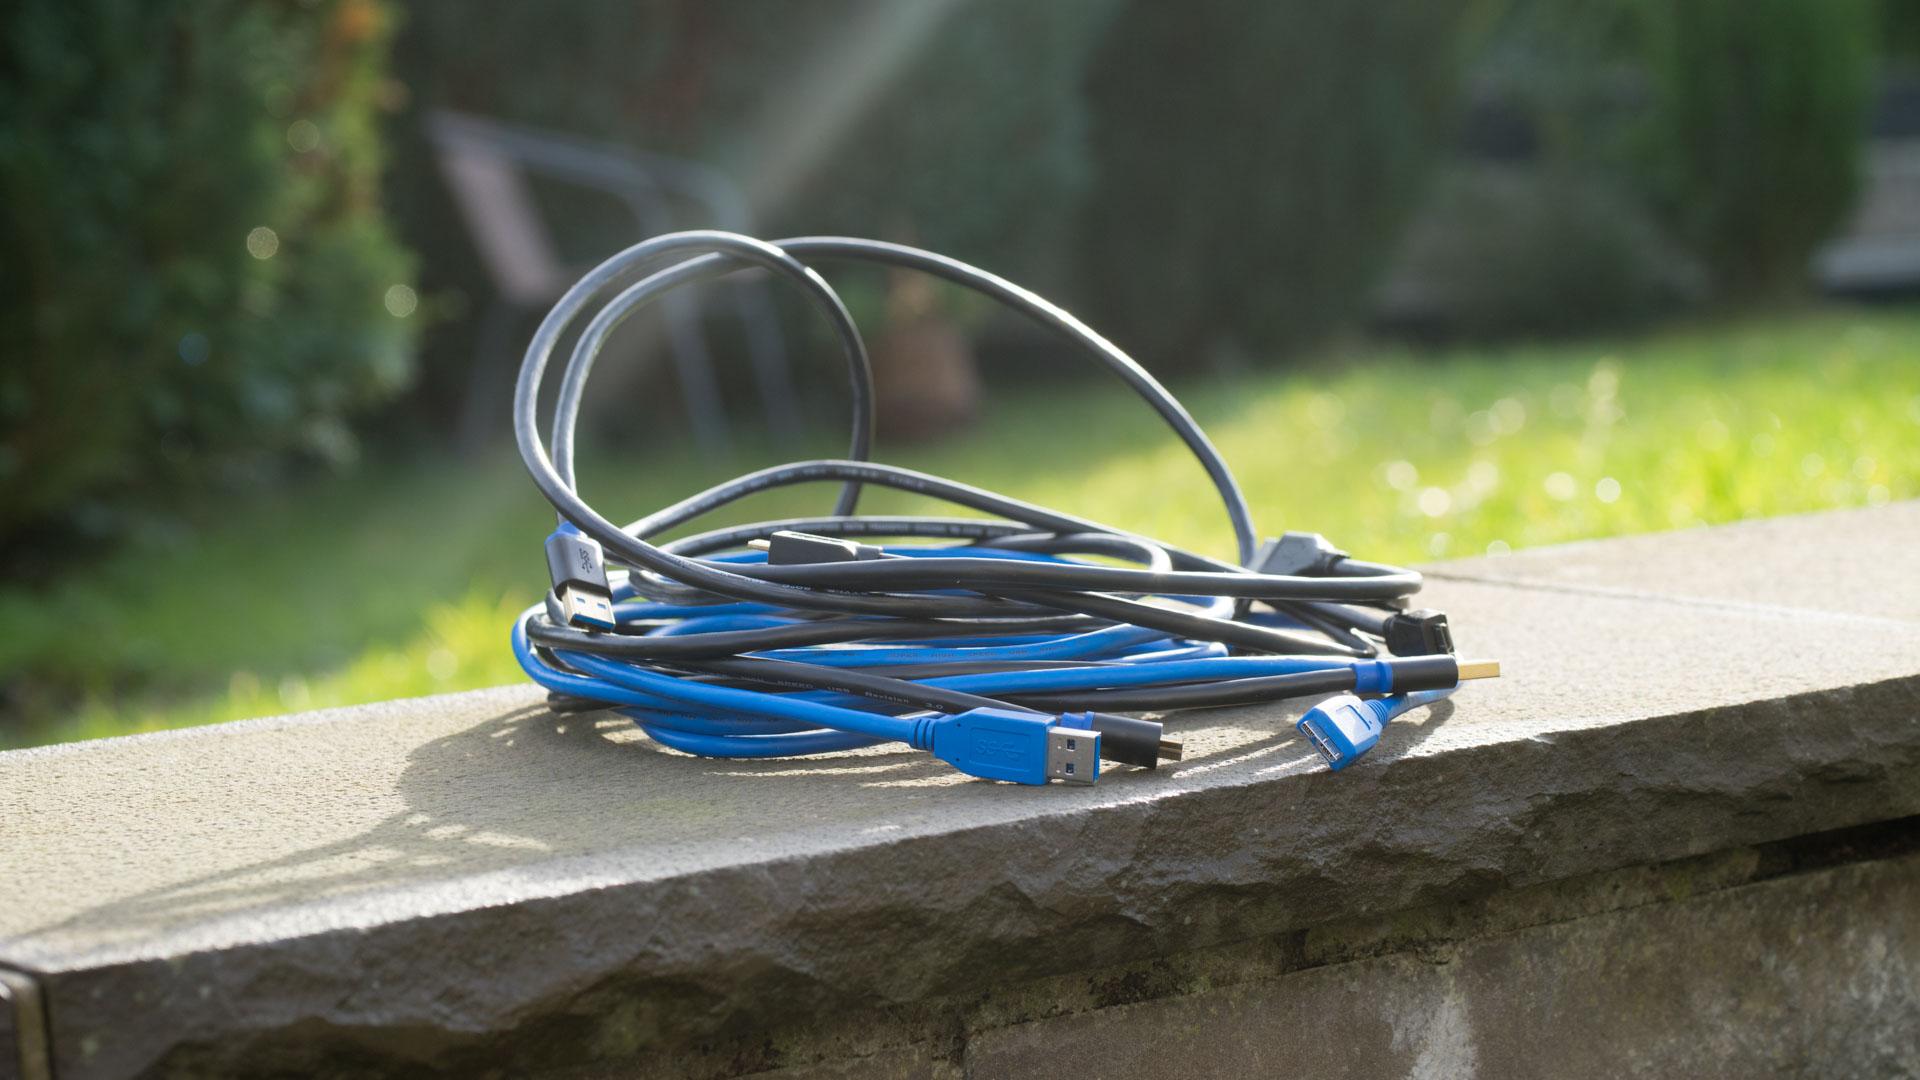 6x microusb 3 0 kabel im test. Black Bedroom Furniture Sets. Home Design Ideas